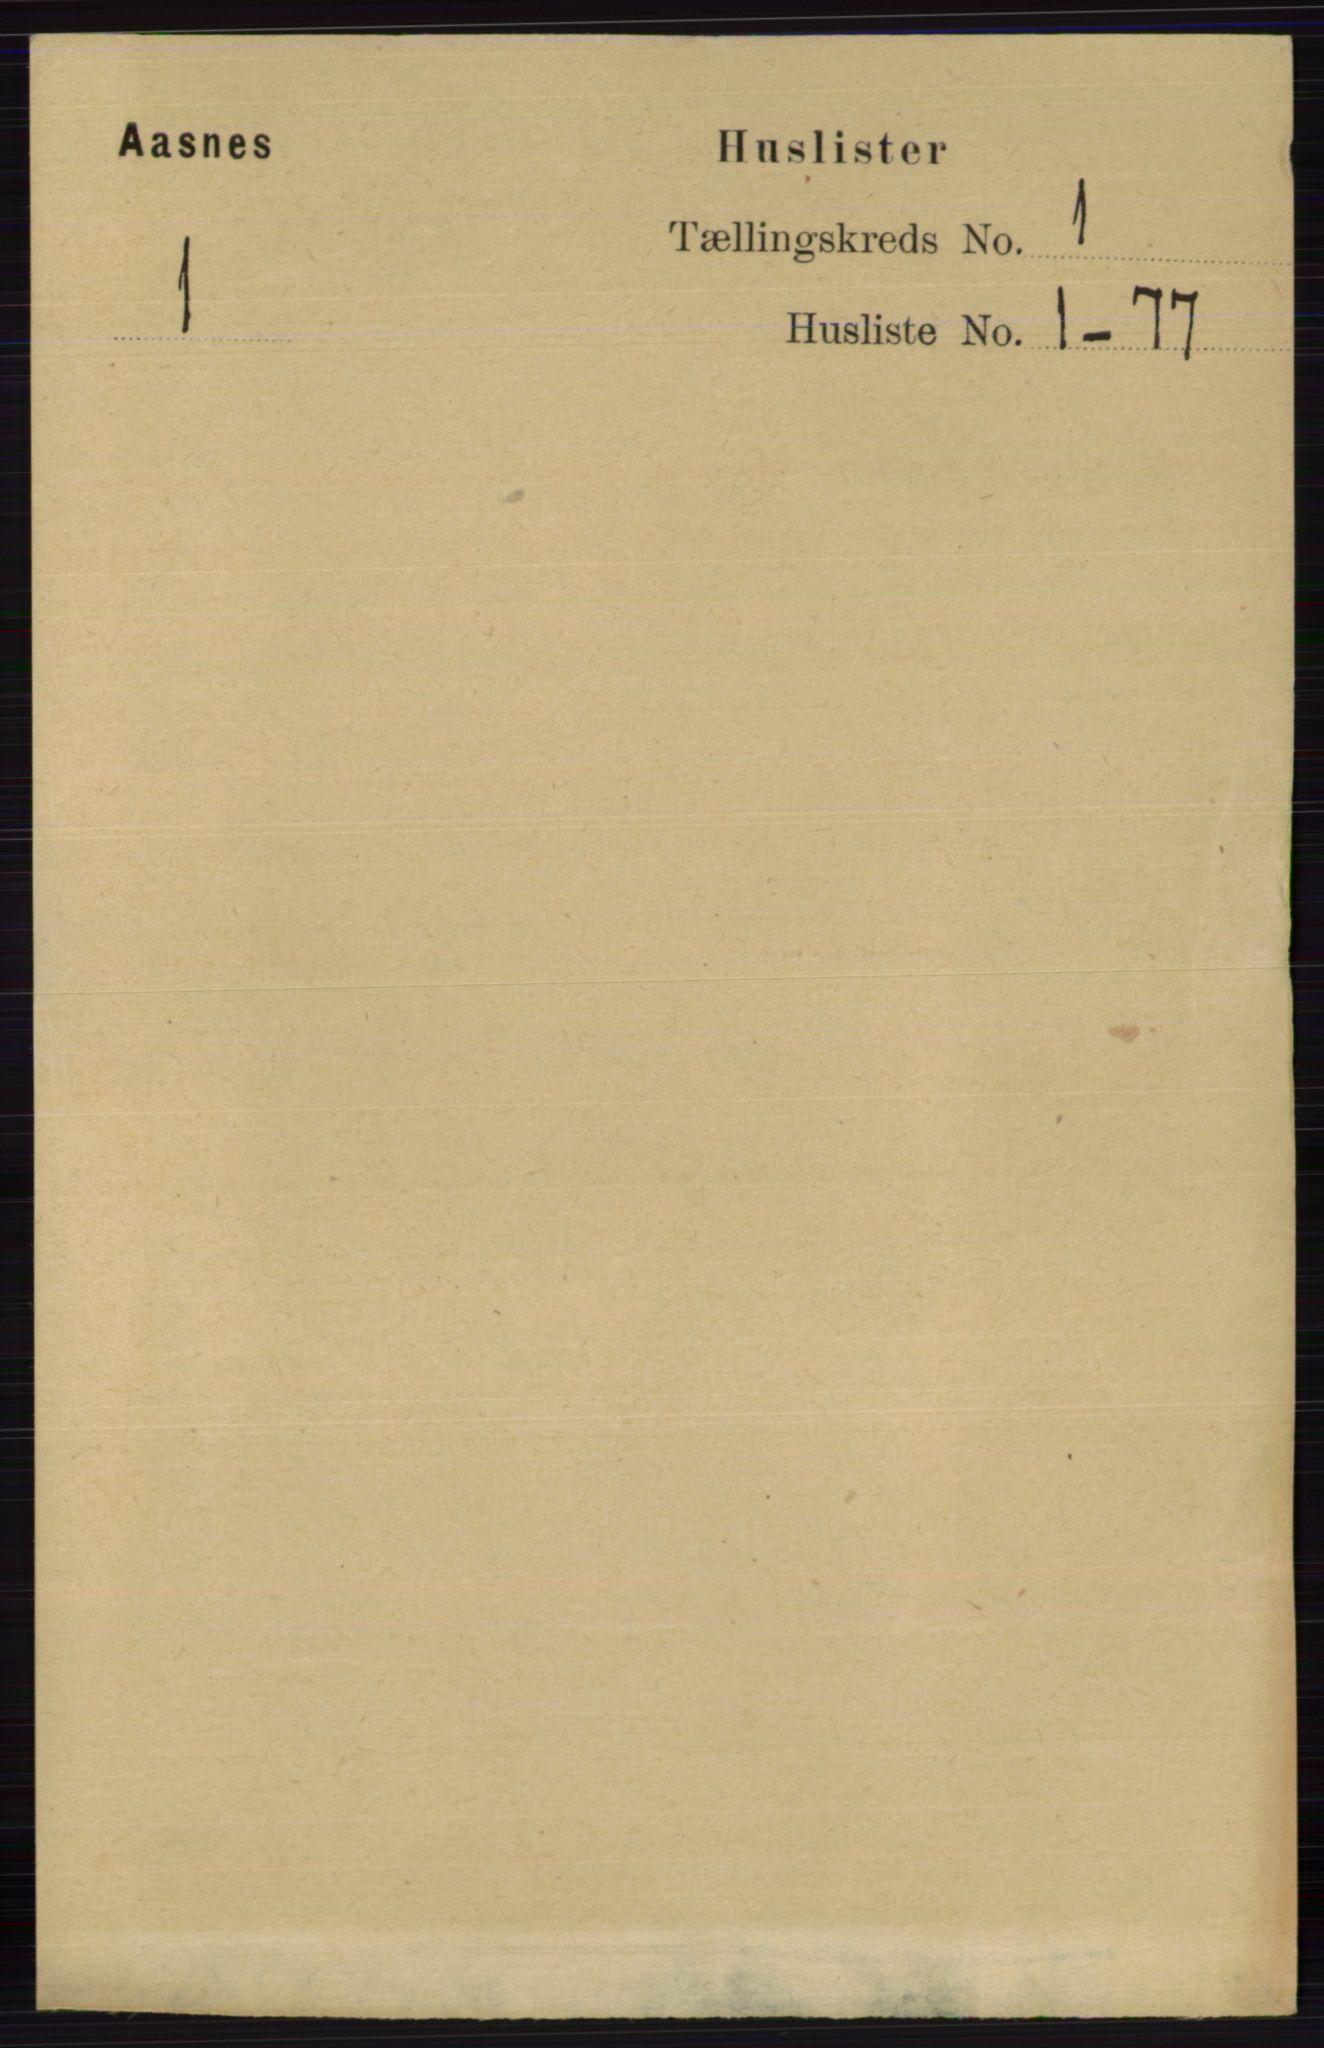 RA, Folketelling 1891 for 0425 Åsnes herred, 1891, s. 31